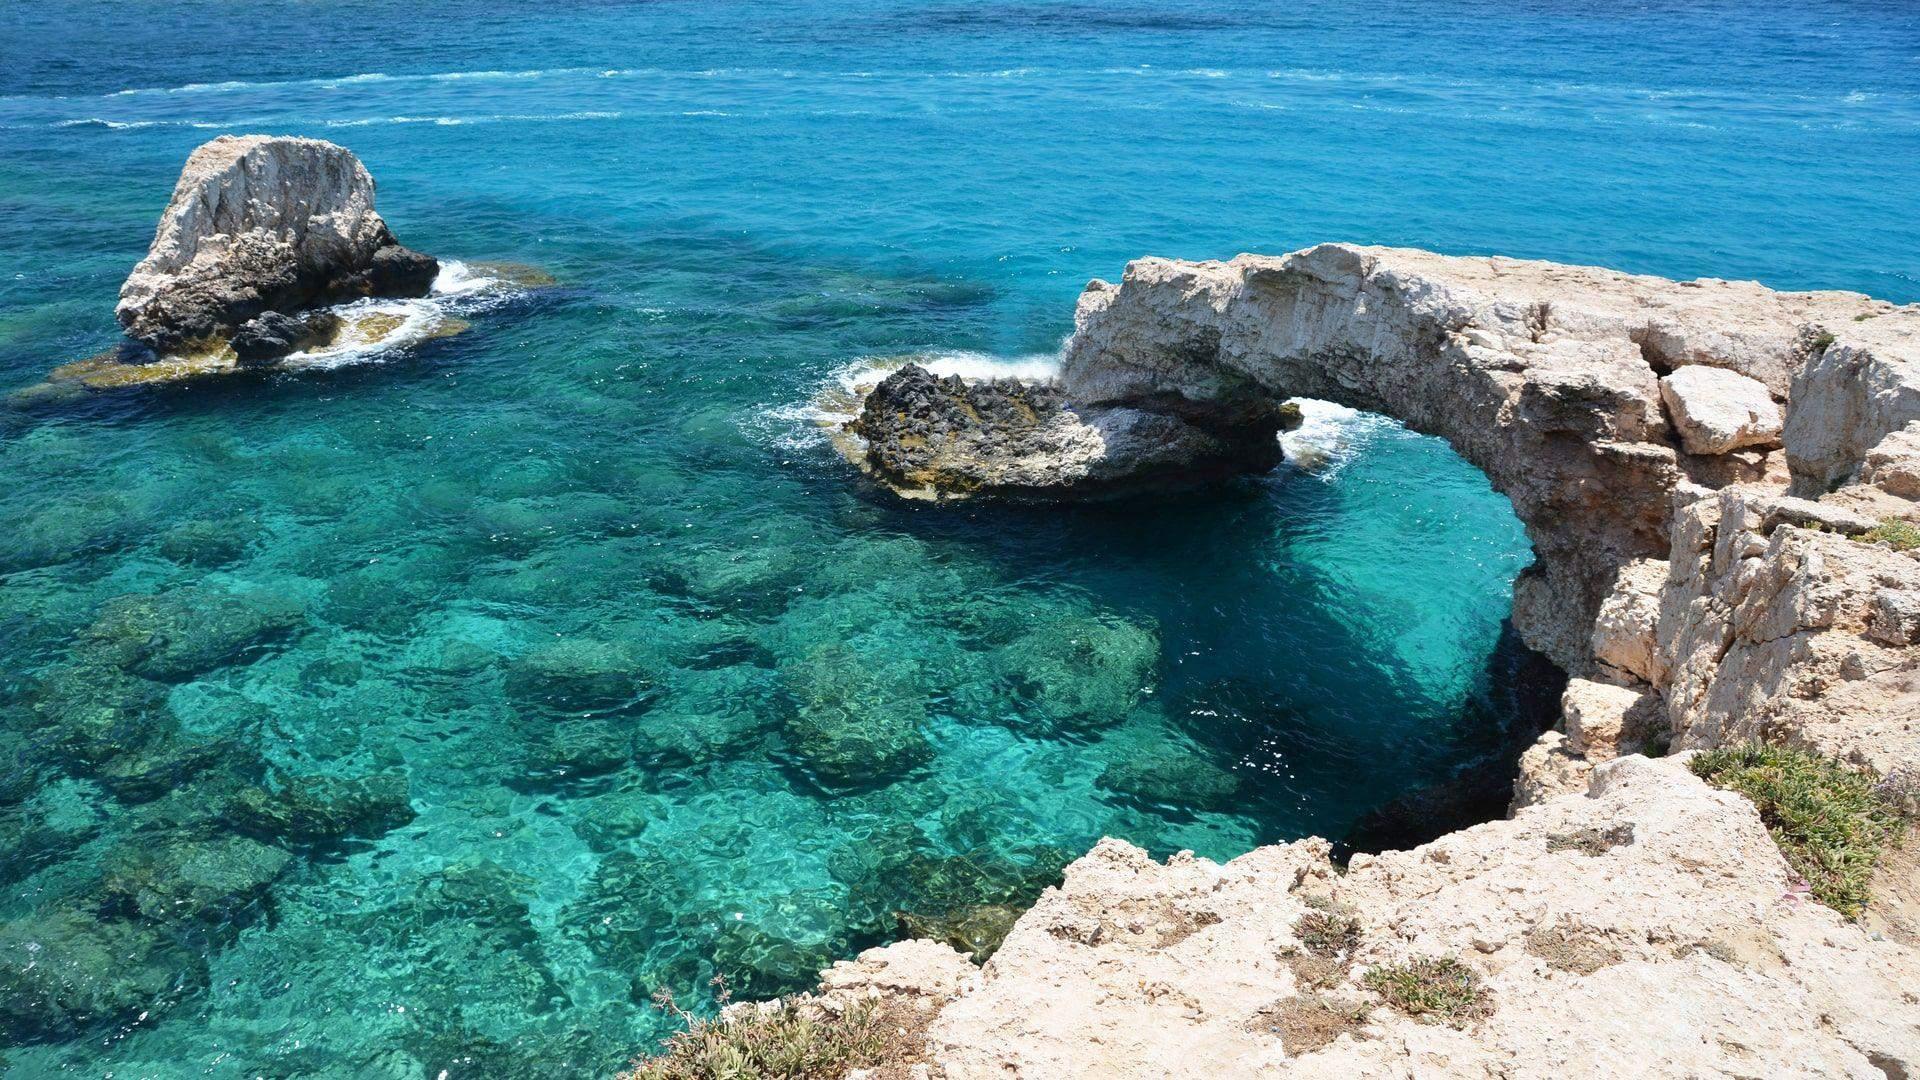 Uolėti paplūdimiai Kipre užburia savo grožiu